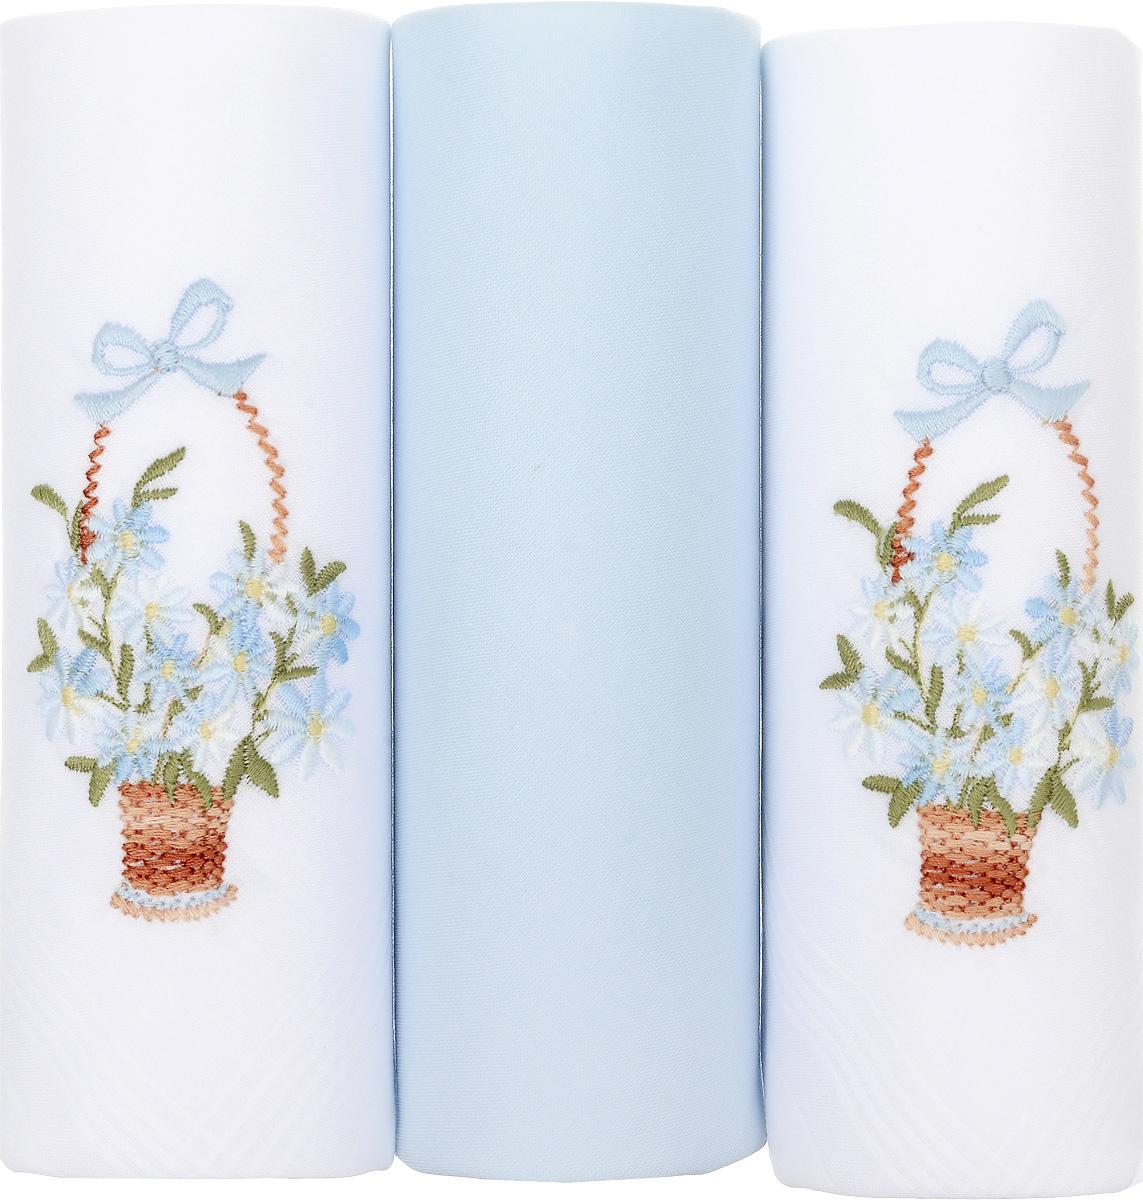 Платок носовой женский Zlata Korunka, цвет: белый, голубой, 3 шт. 25605-17. Размер 29 см х 29 смАжурная брошьНебольшой женский носовой платок Zlata Korunka изготовлен из высококачественного натурального хлопка, благодаря чему приятен в использовании, хорошо стирается, не садится и отлично впитывает влагу. Практичный и изящный носовой платок будет незаменим в повседневной жизни любого современного человека. Такой платок послужит стильным аксессуаром и подчеркнет ваше превосходное чувство вкуса.В комплекте 3 платка.